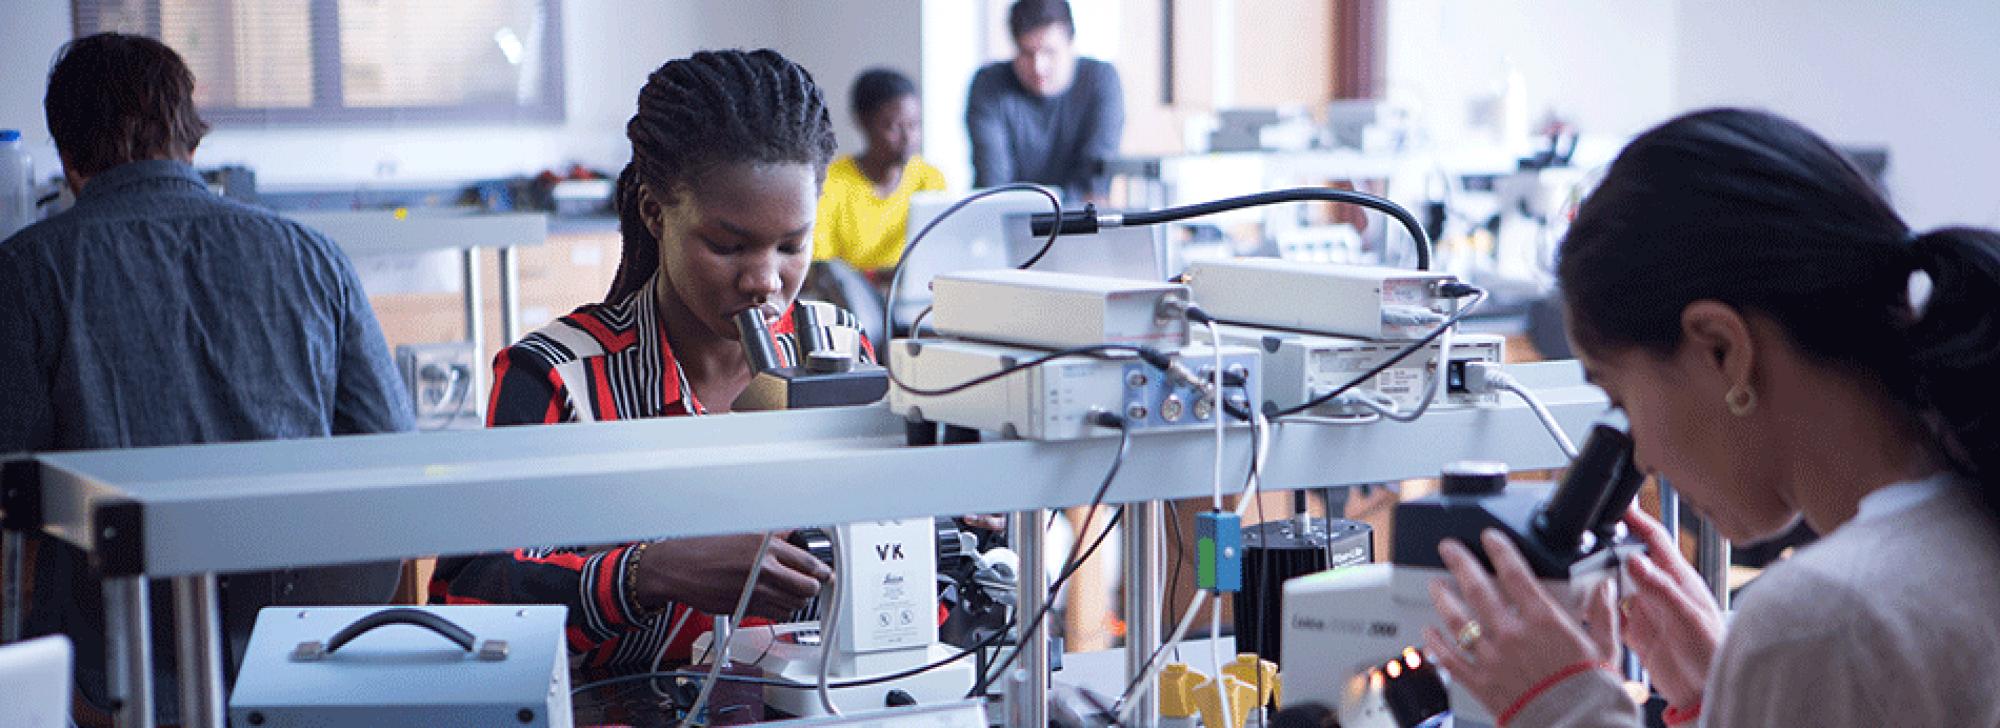 Students examining specimens on microscopes